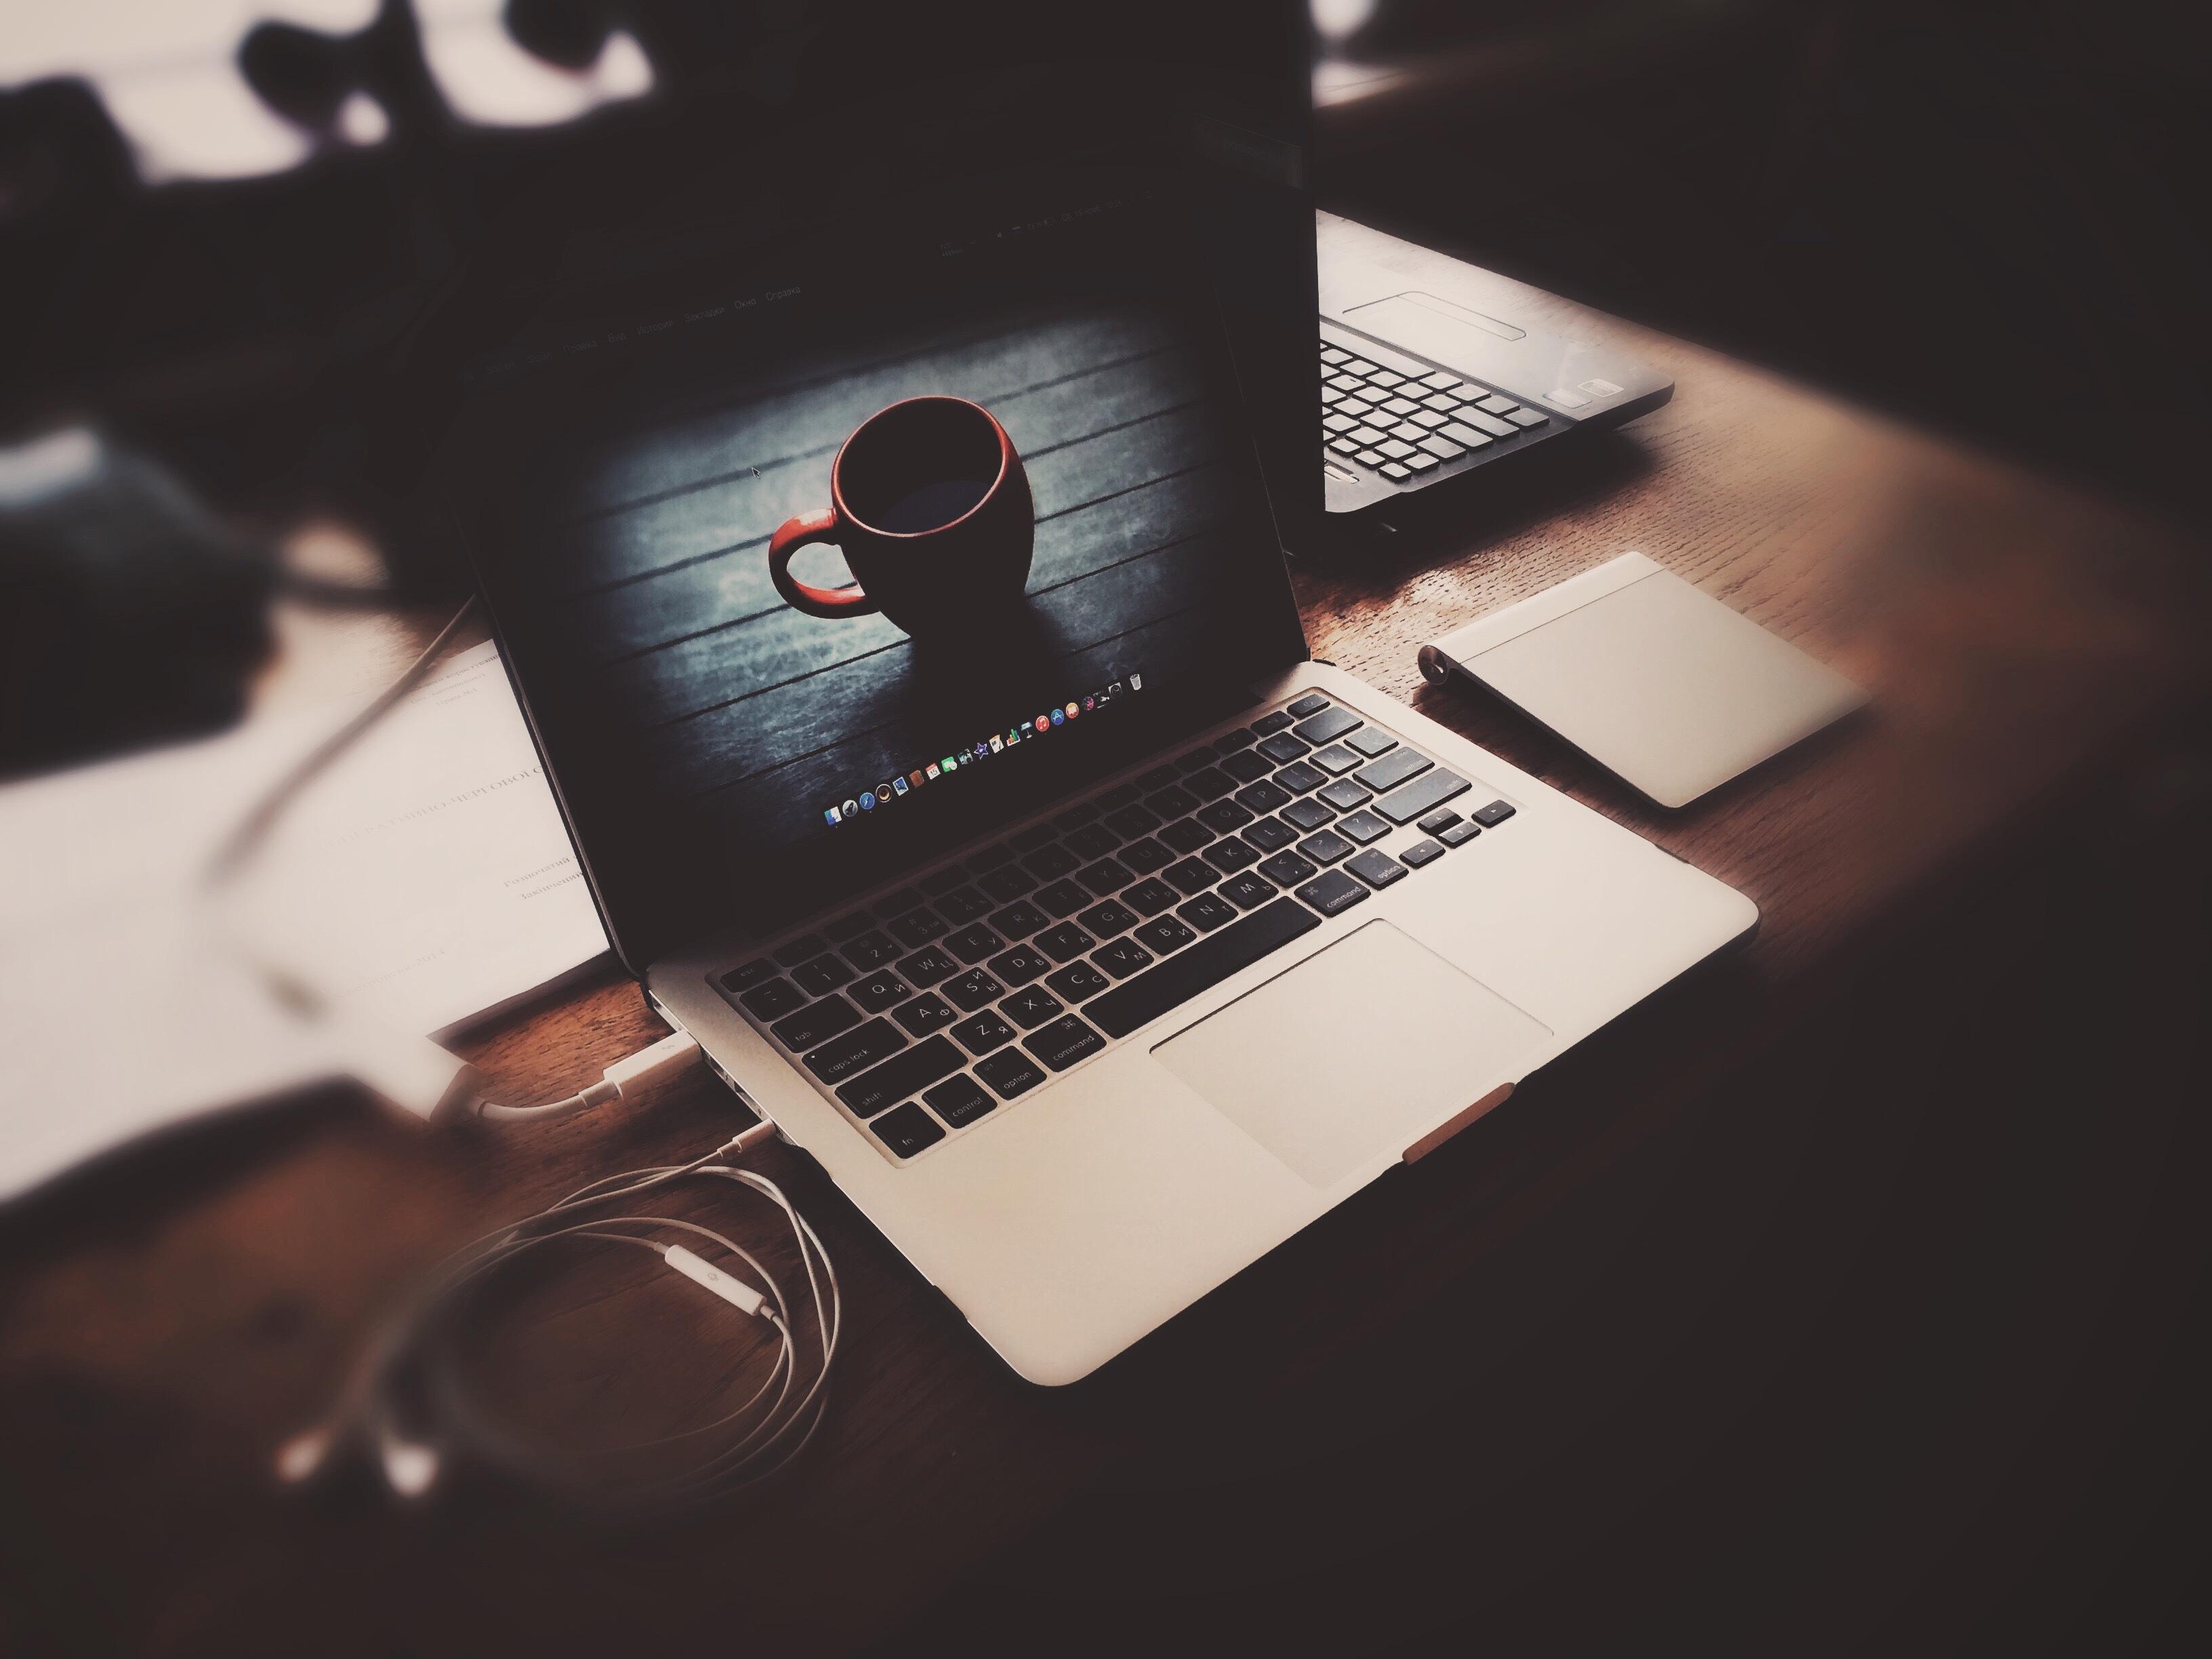 Macbook Pro  Graphic Design